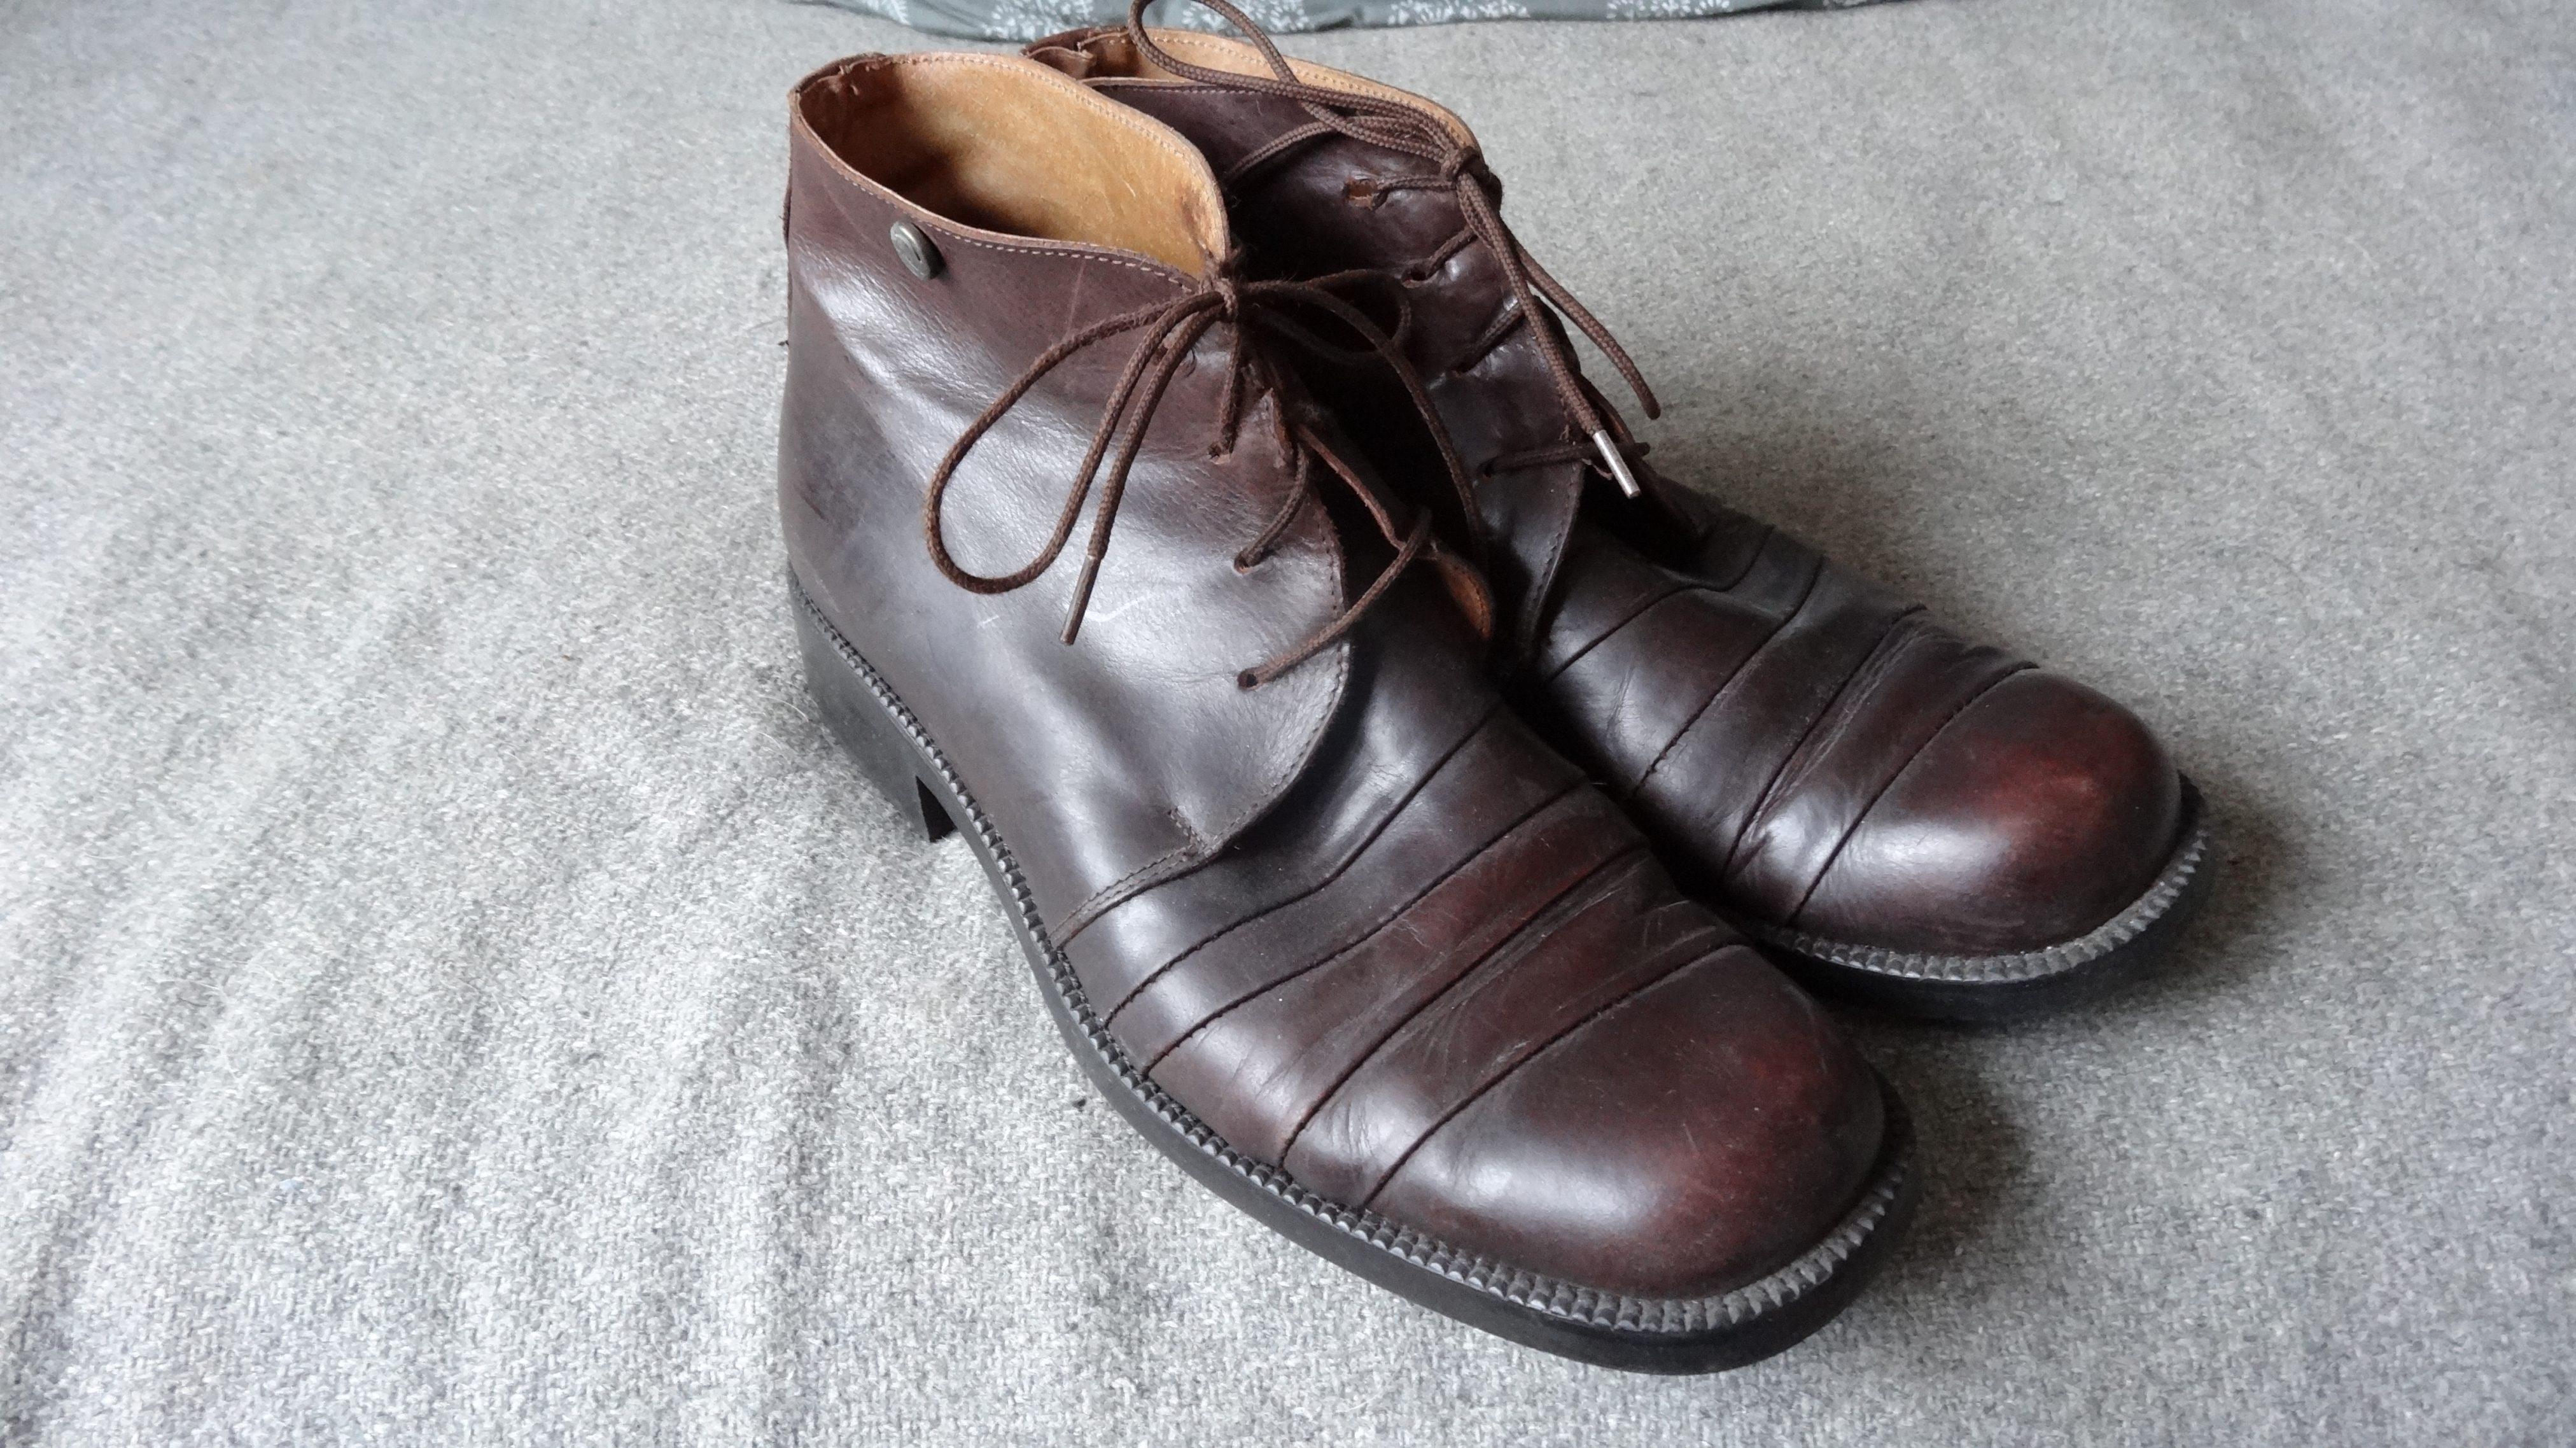 5dc020859b7b Dansk) Linea vintage støvletter - Care   Share Vintage